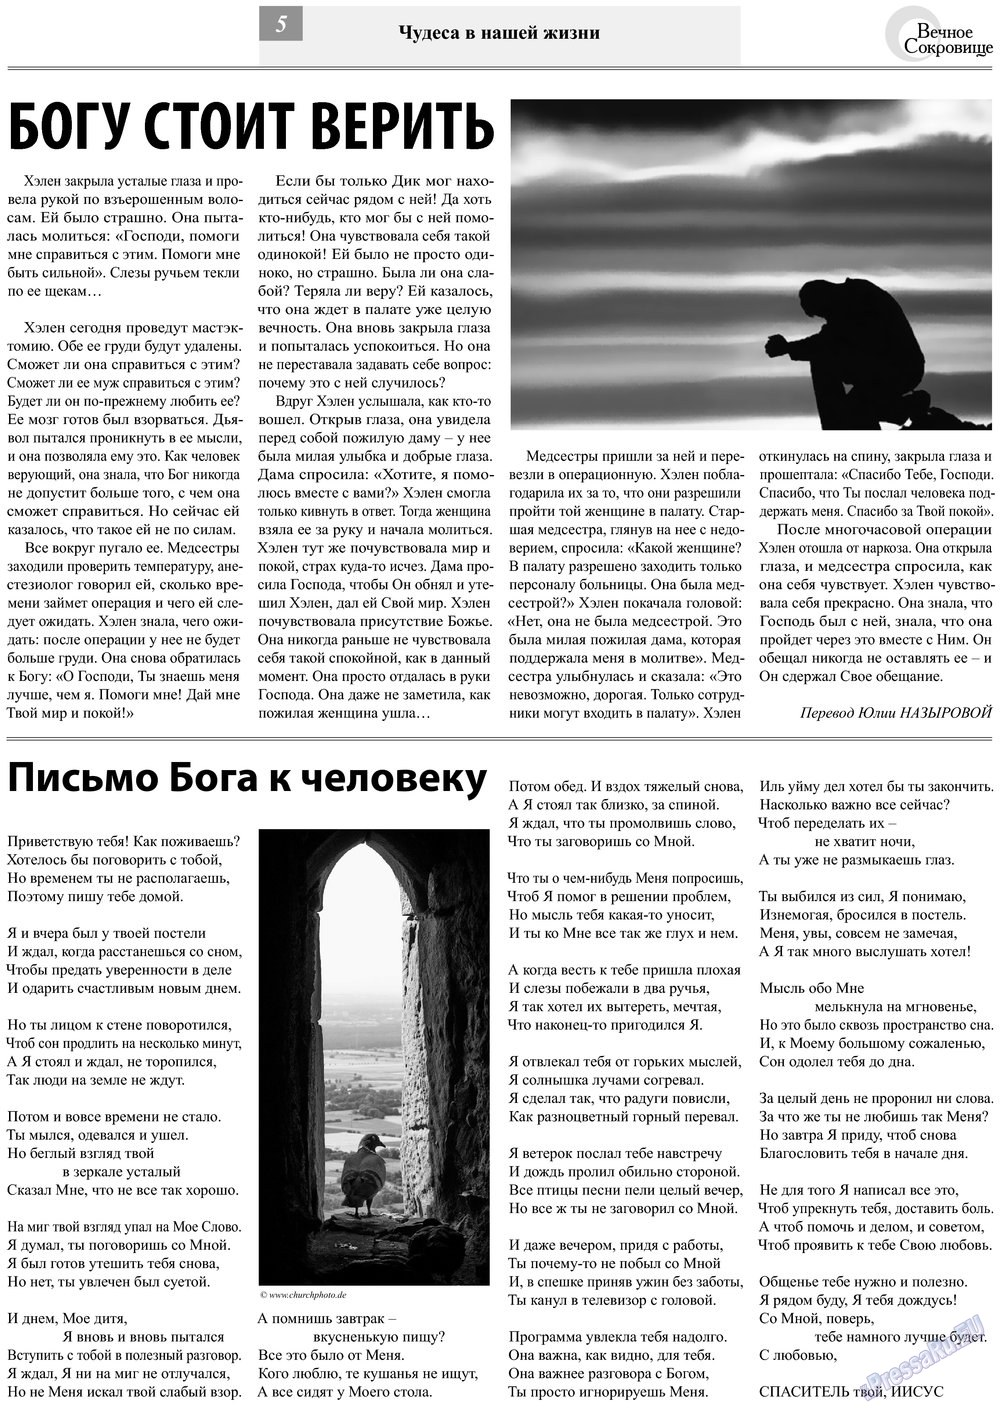 Вечное сокровище (газета). 2013 год, номер 3, стр. 5